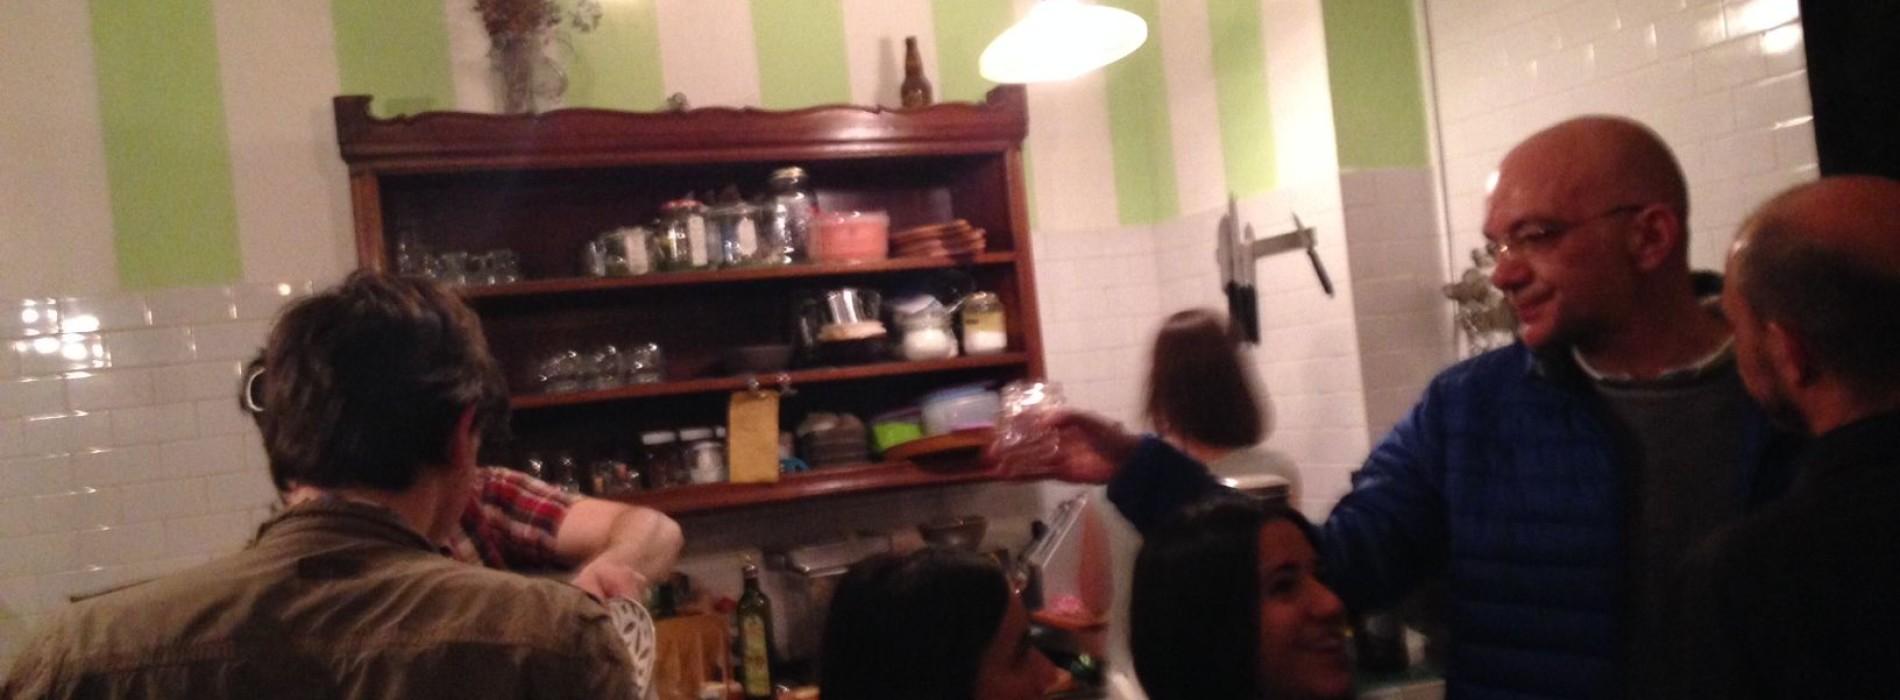 Il Lestofante a Bologna: un piccolo locale orgogliosamente romagnolo che ci ha conquistati